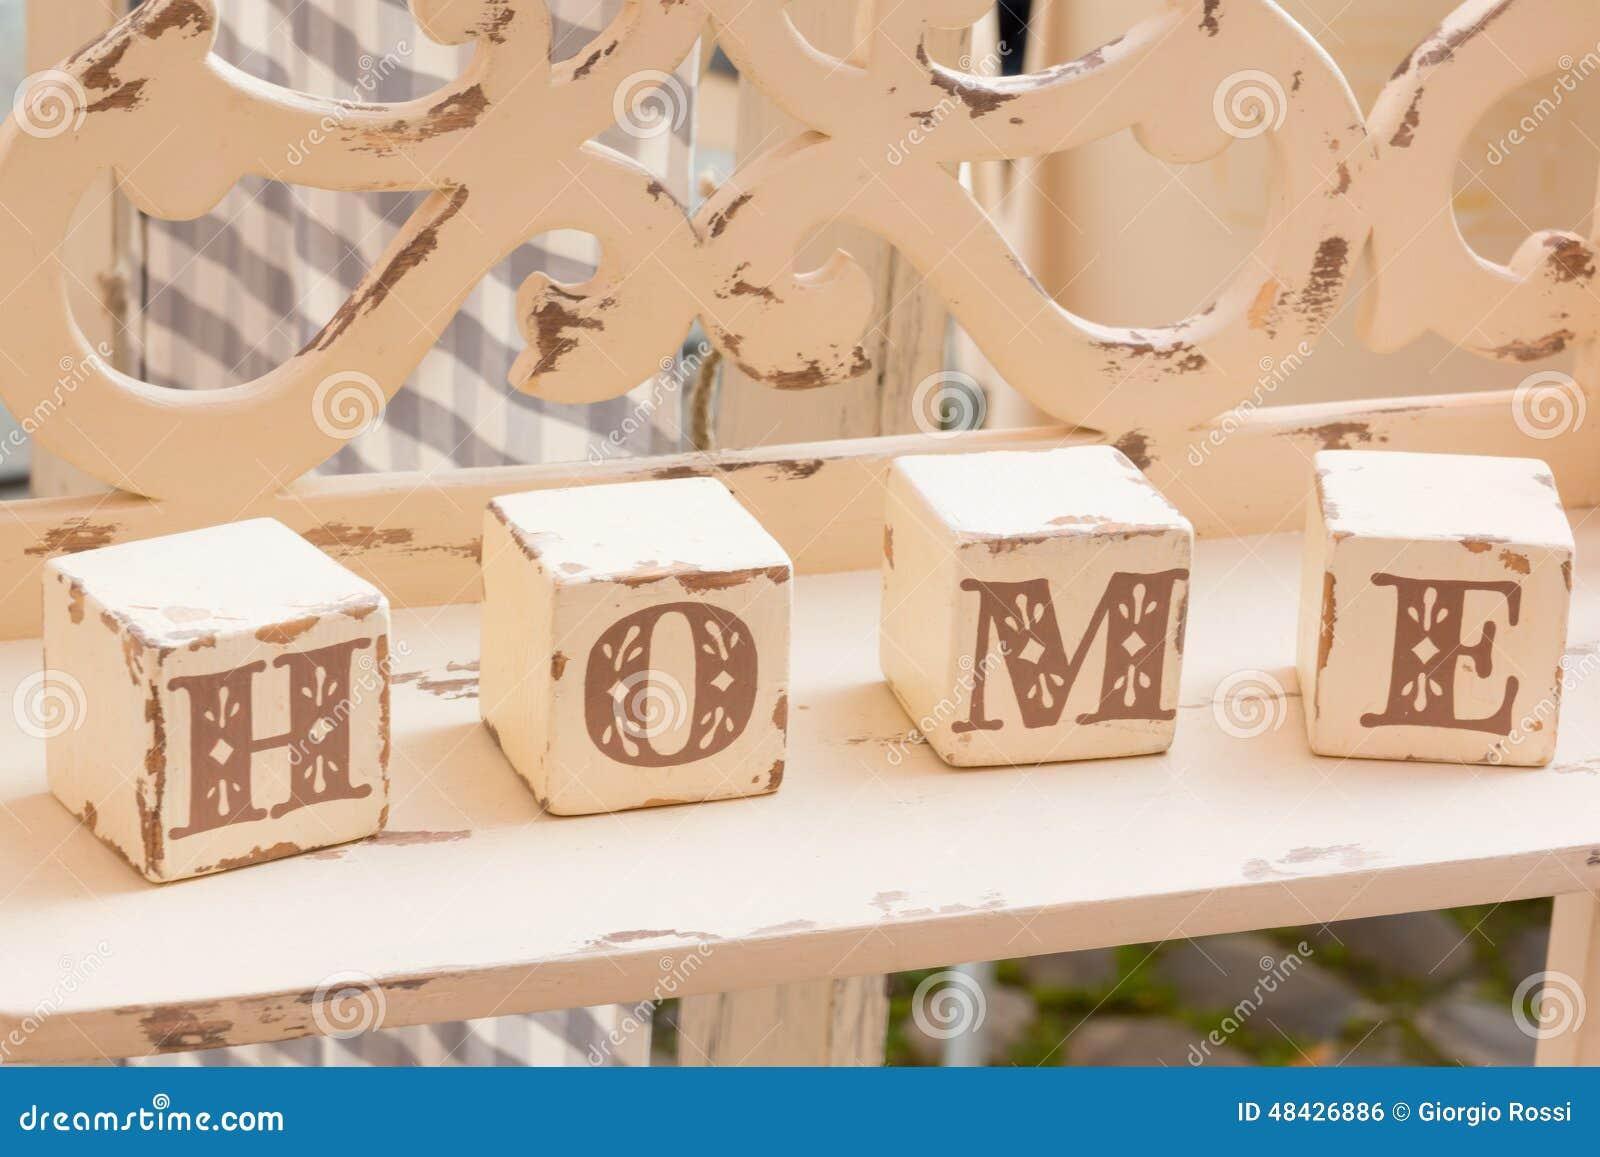 Decoration Lettre En Bois : Décoration en bois de cube lettres à la maison